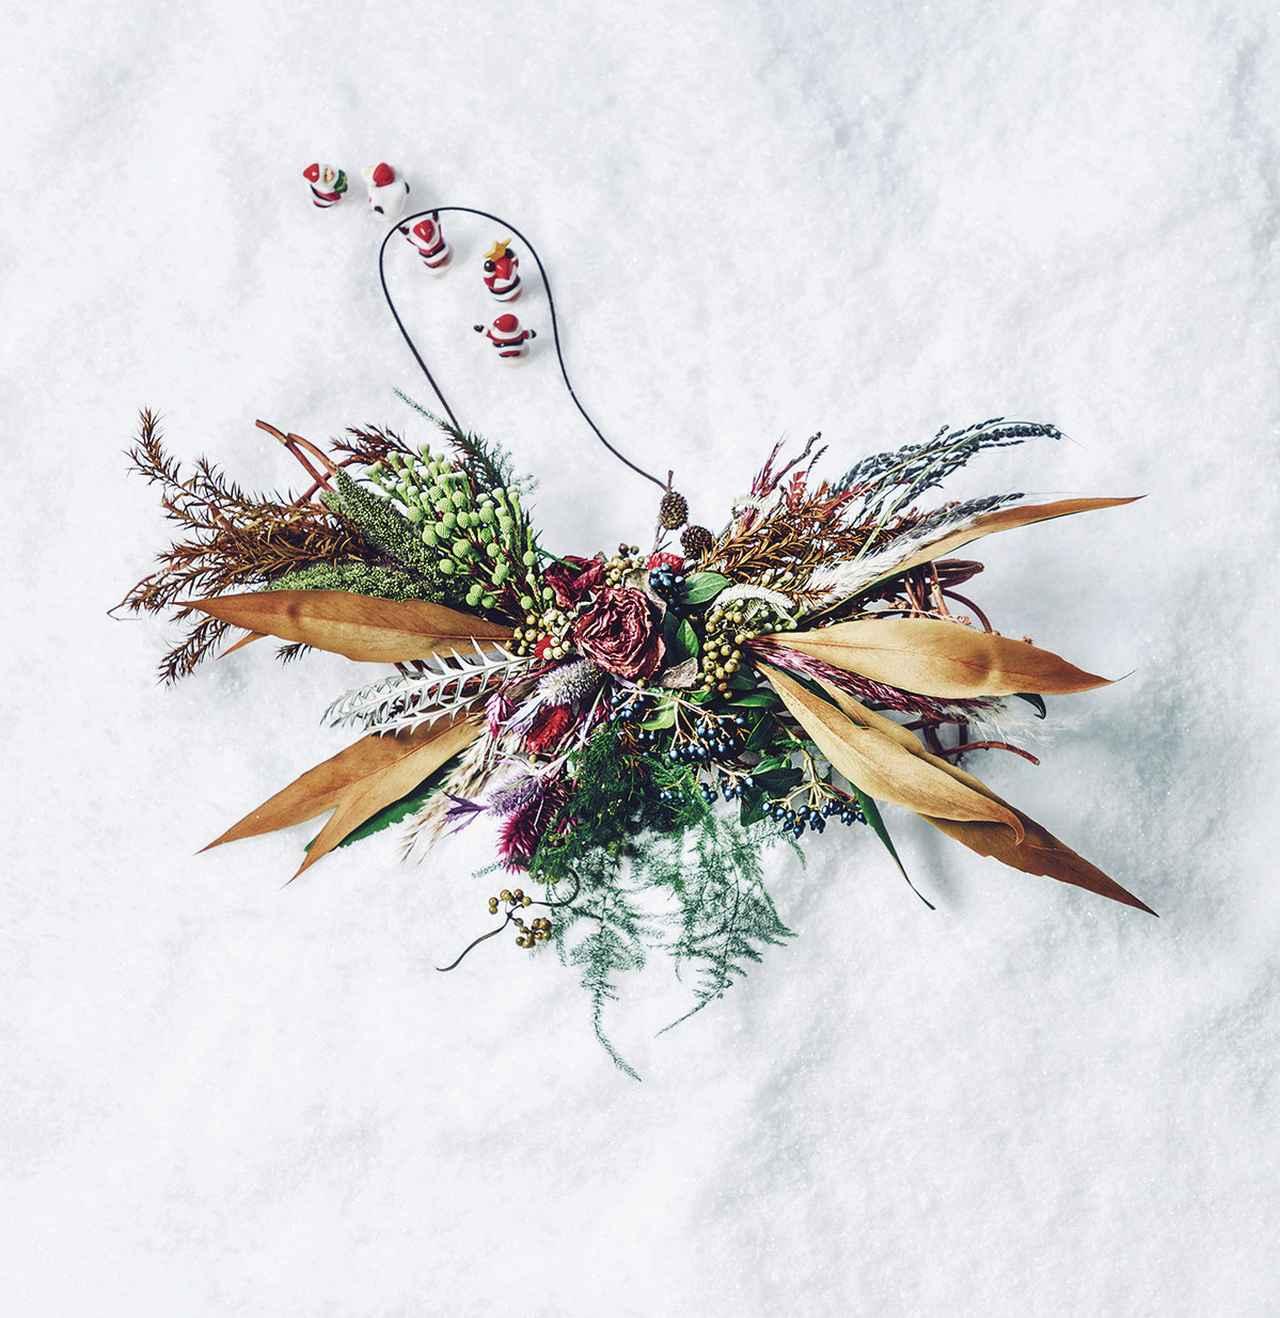 Images : 7番目の画像 - 「目利きが厳選。 大切な人へ届けたい 冬の贈り物 <Vol.1>」のアルバム - T JAPAN:The New York Times Style Magazine 公式サイト